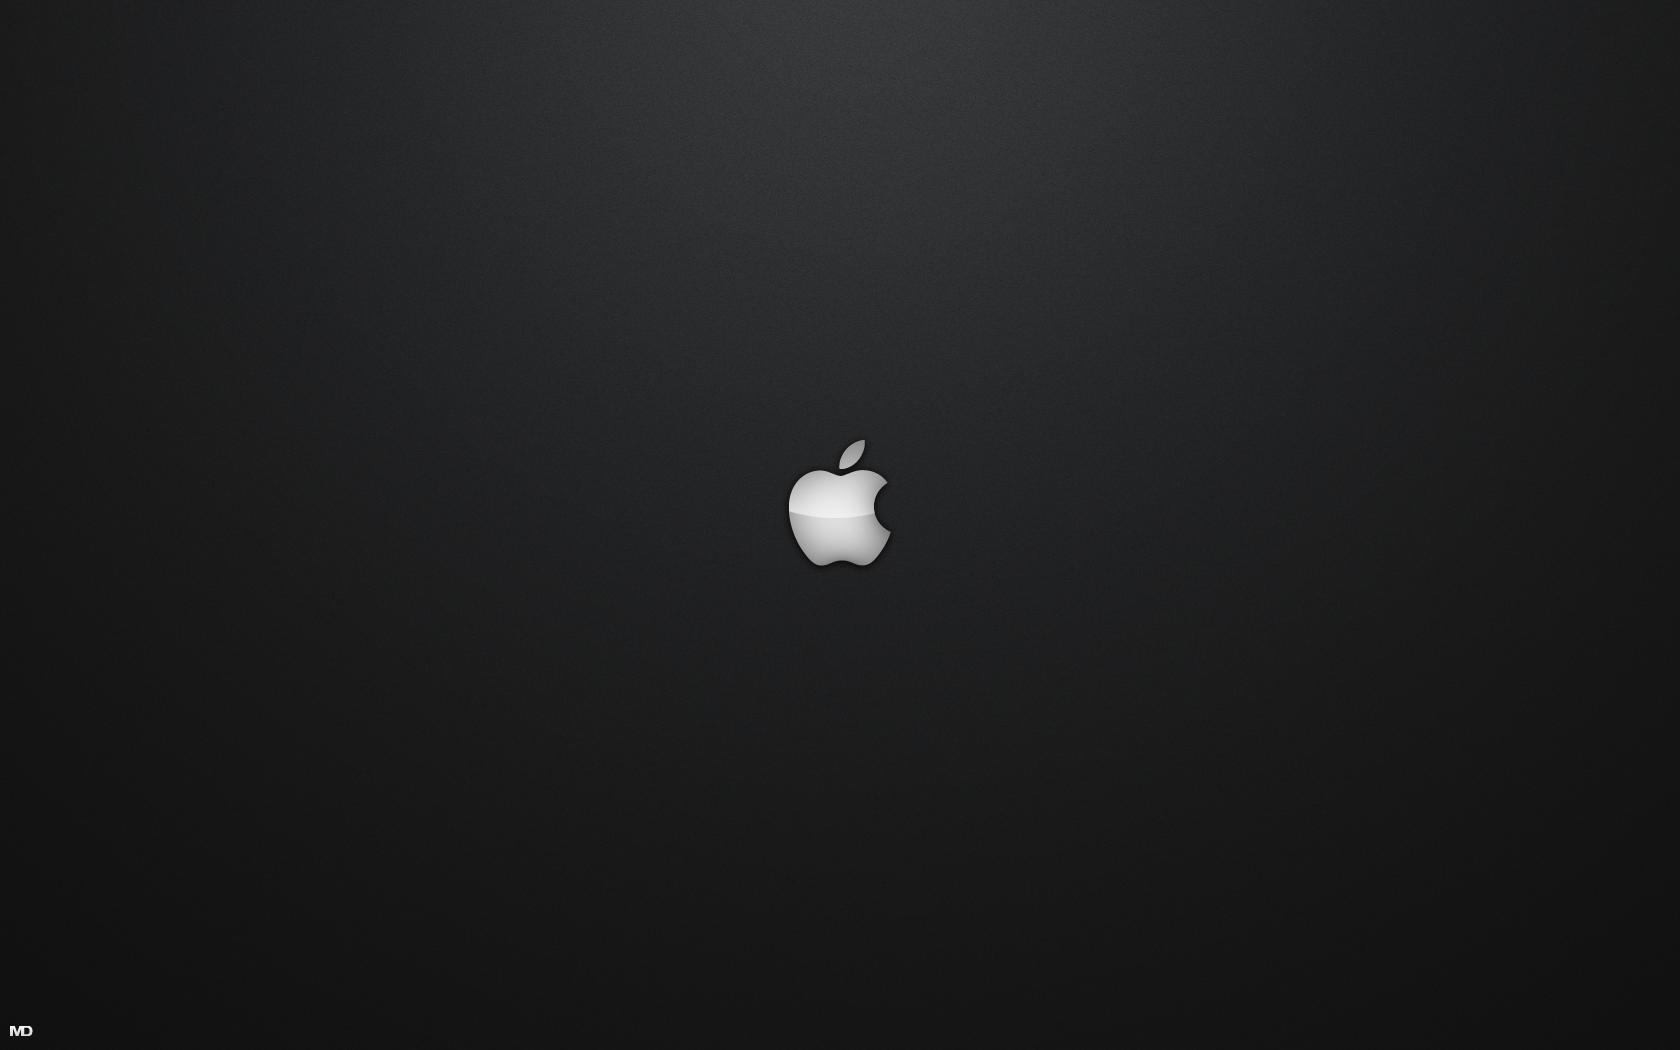 Black Cool Apple Mac Wallpaper Best 1816 Wallpaper High 1680x1050